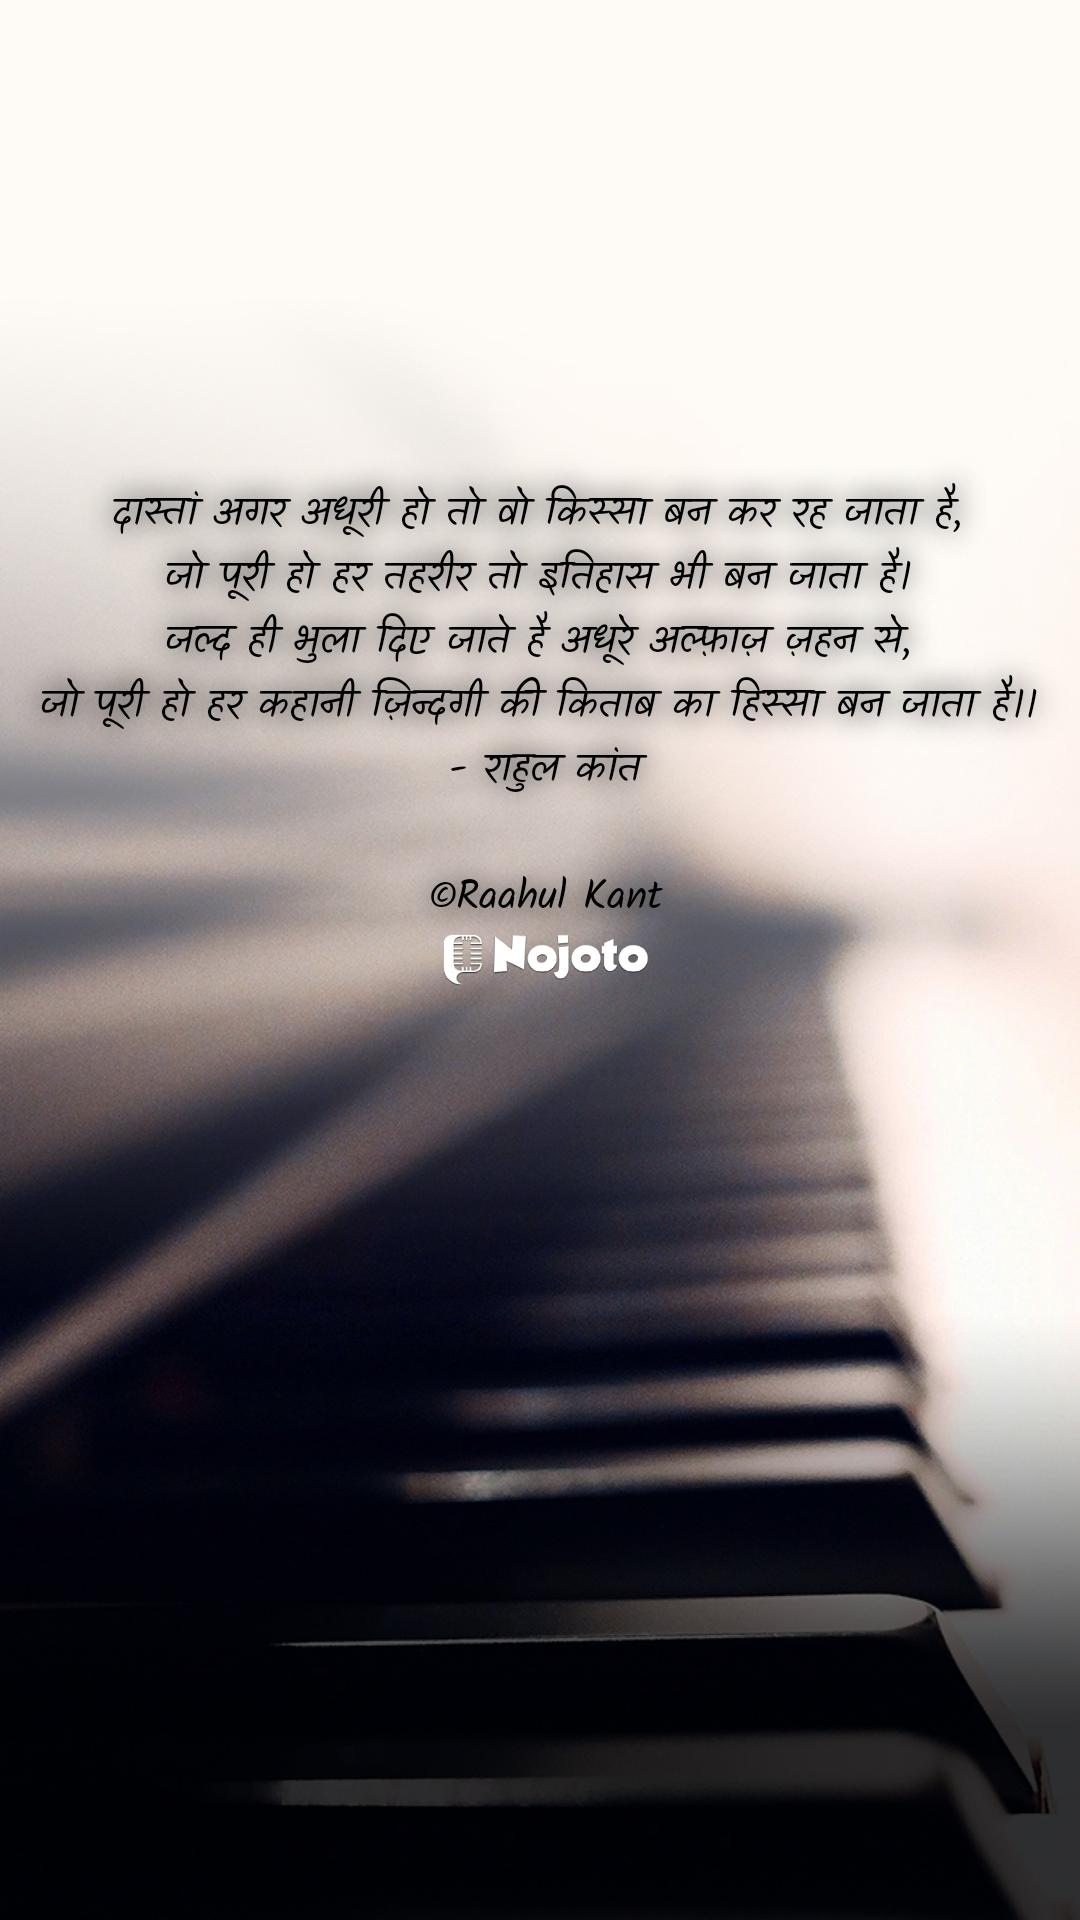 दास्तां अगर अधूरी हो तो वो किस्सा बन कर रह जाता है,  जो पूरी हो हर तहरीर तो इतिहास भी बन जाता है।  जल्द ही भुला दिए जाते है अधूरे अल्फ़ाज़ ज़हन से,  जो पूरी हो हर कहानी ज़िन्दगी की किताब का हिस्सा बन जाता है।।  - राहुल कांत  ©Raahul Kant